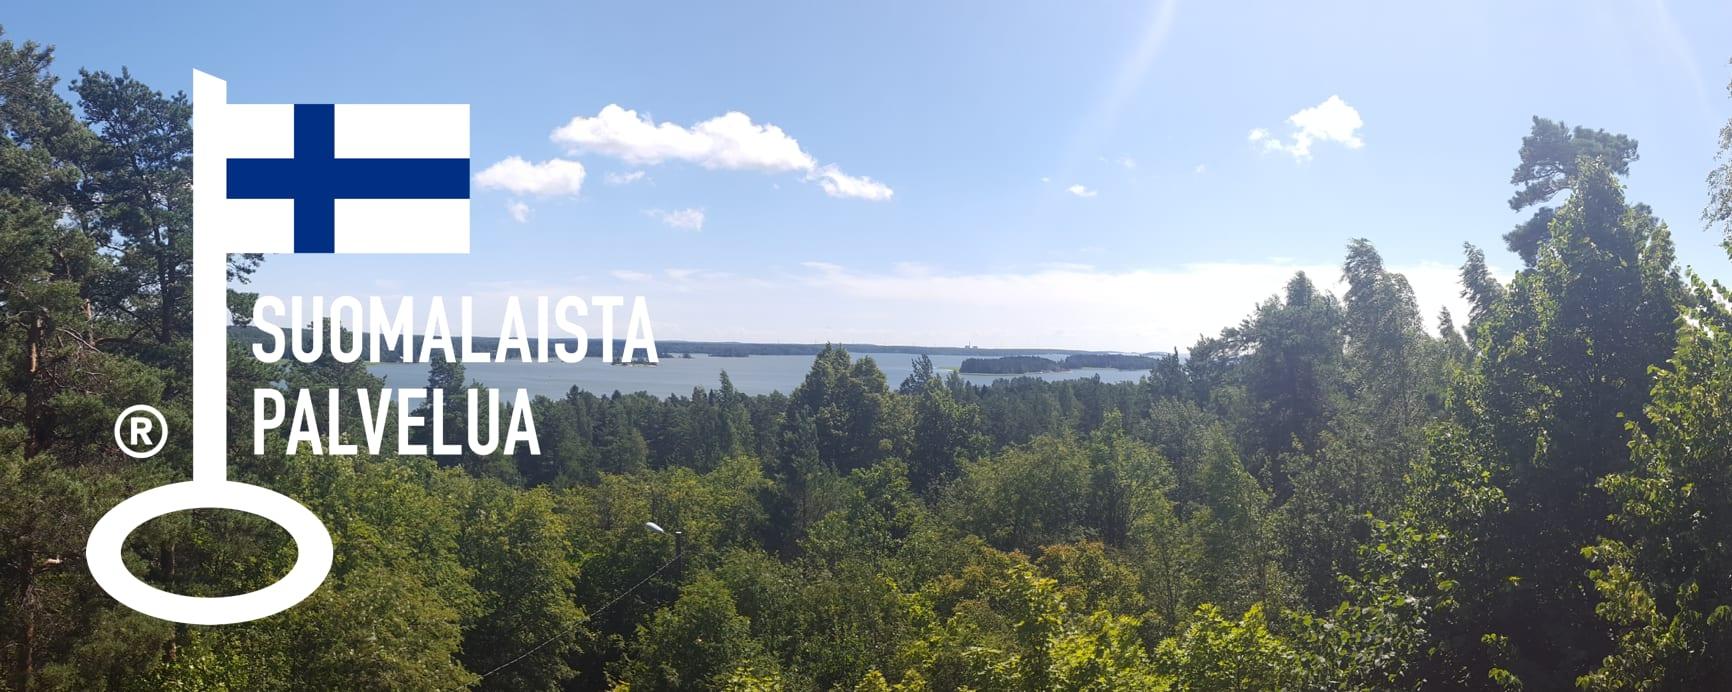 suomalaista_palvelua